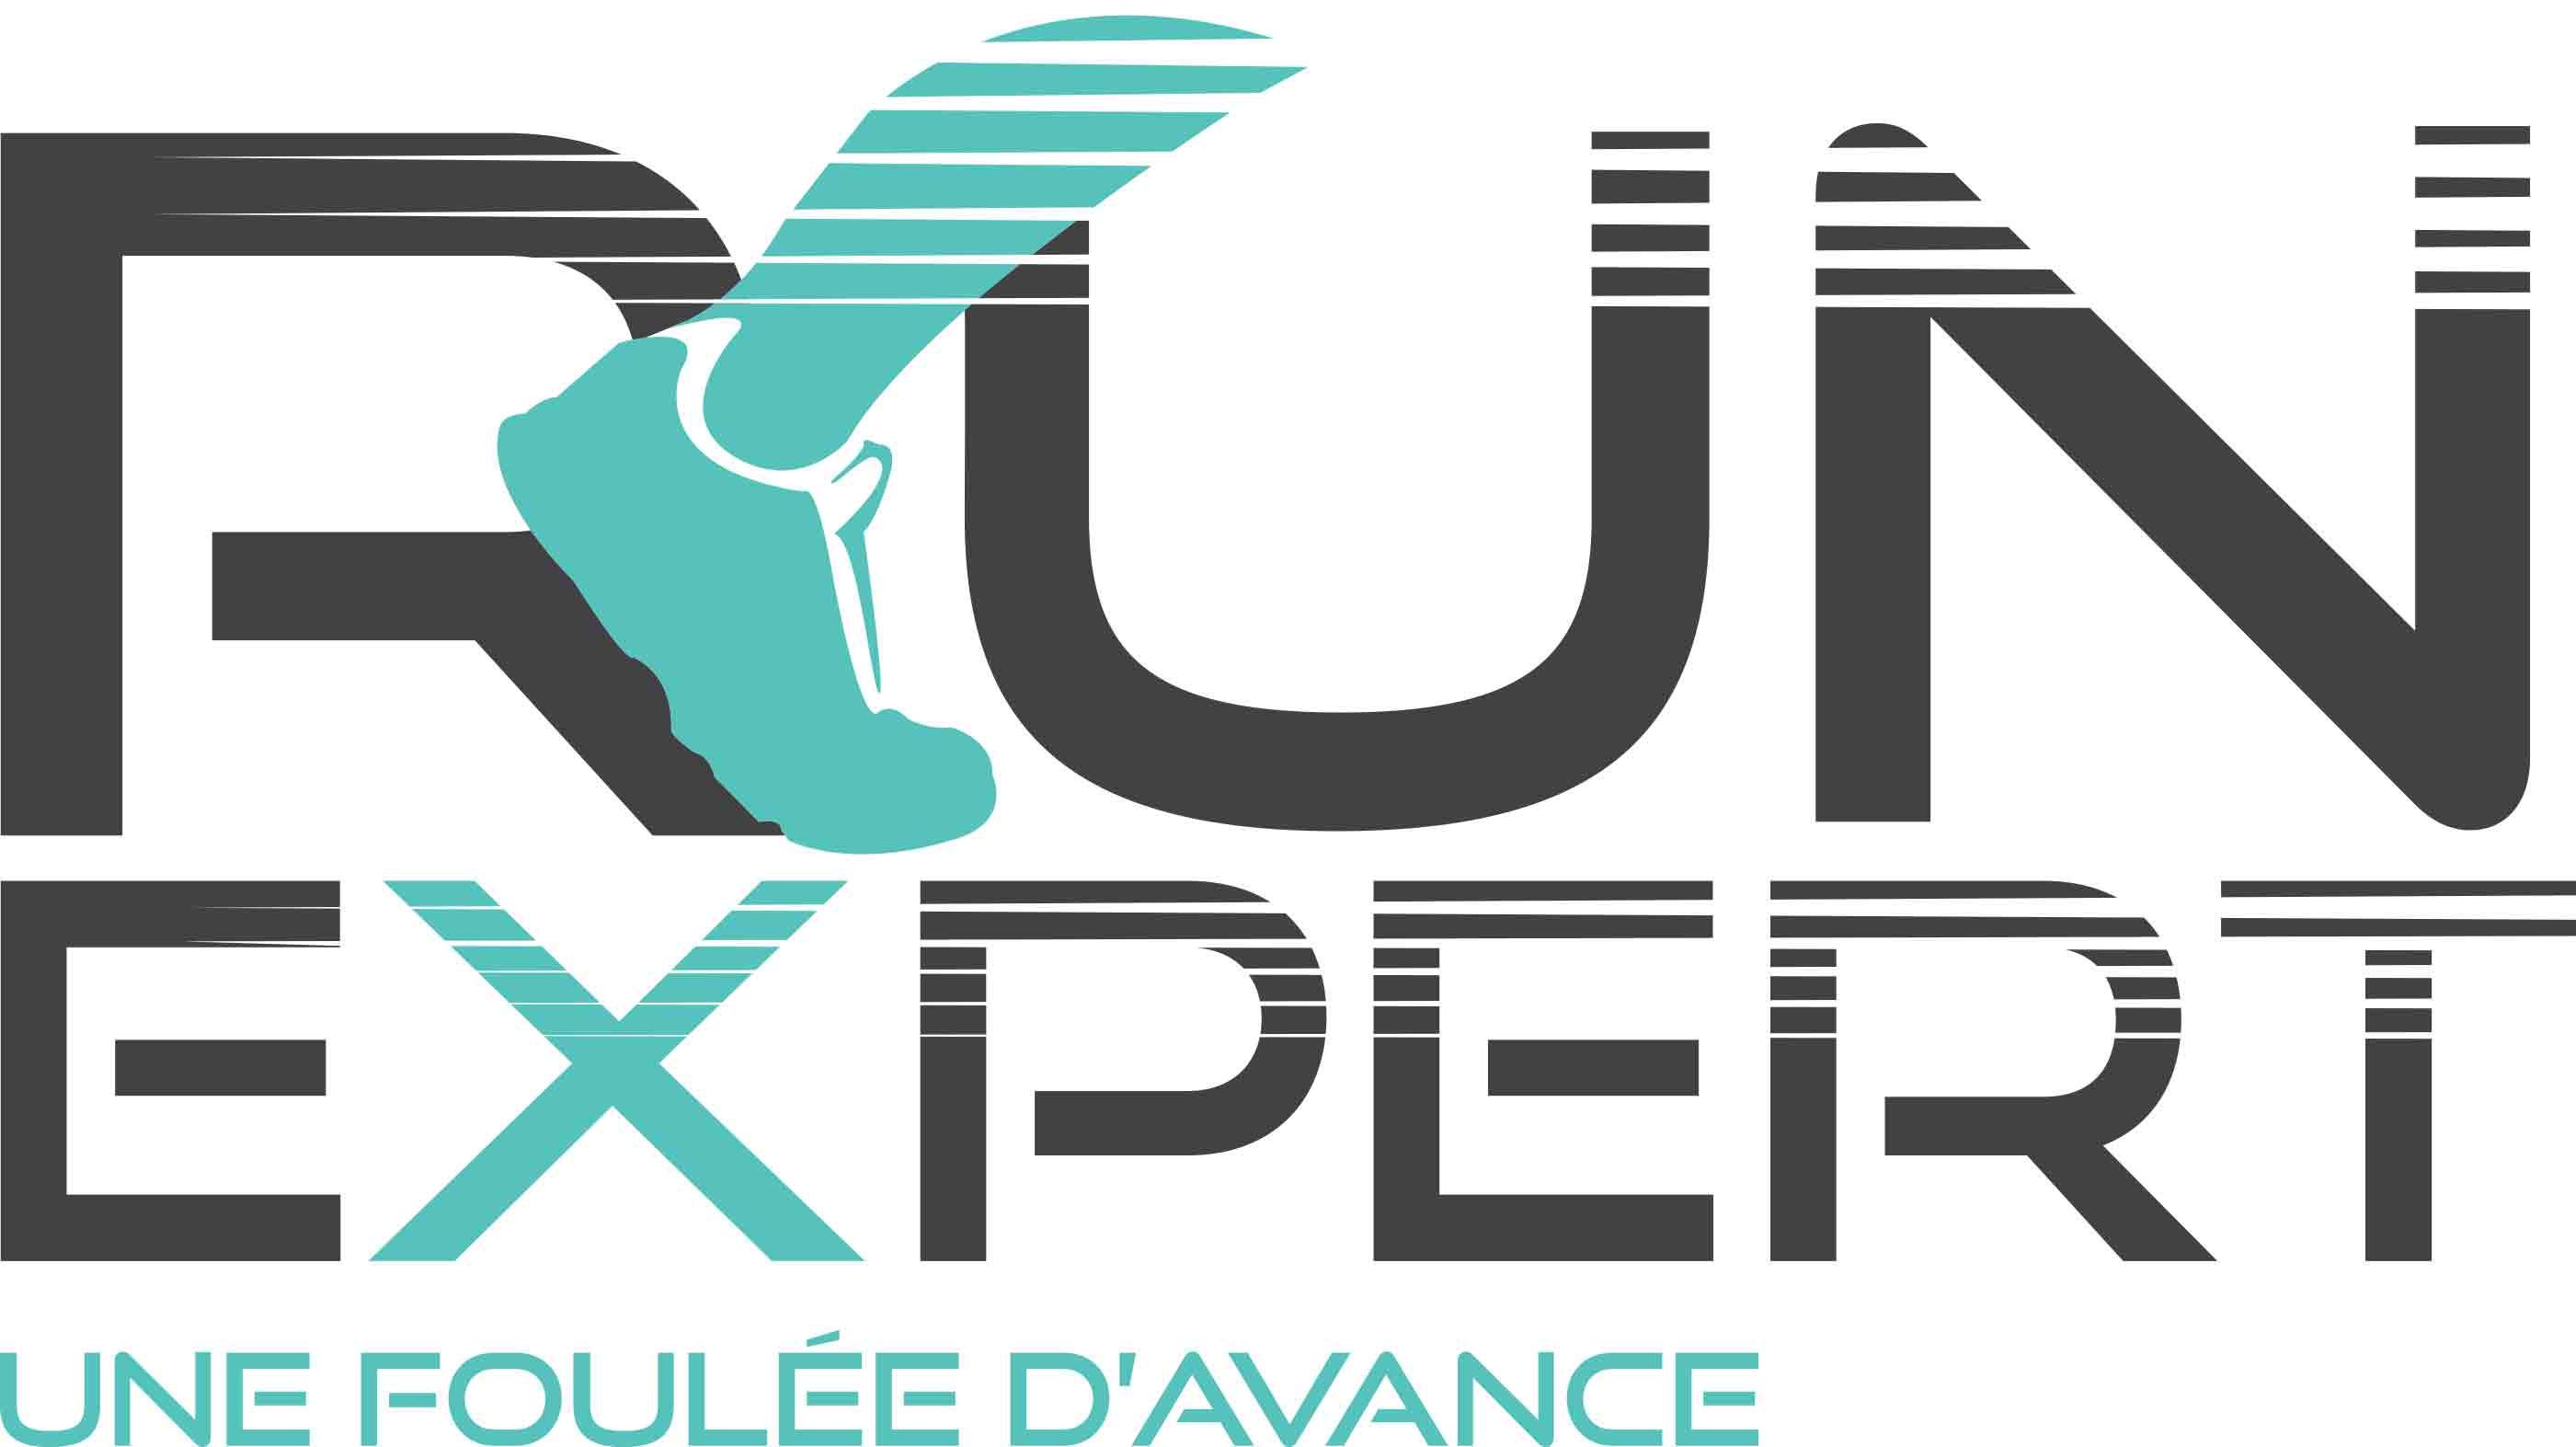 RUN EXPERT